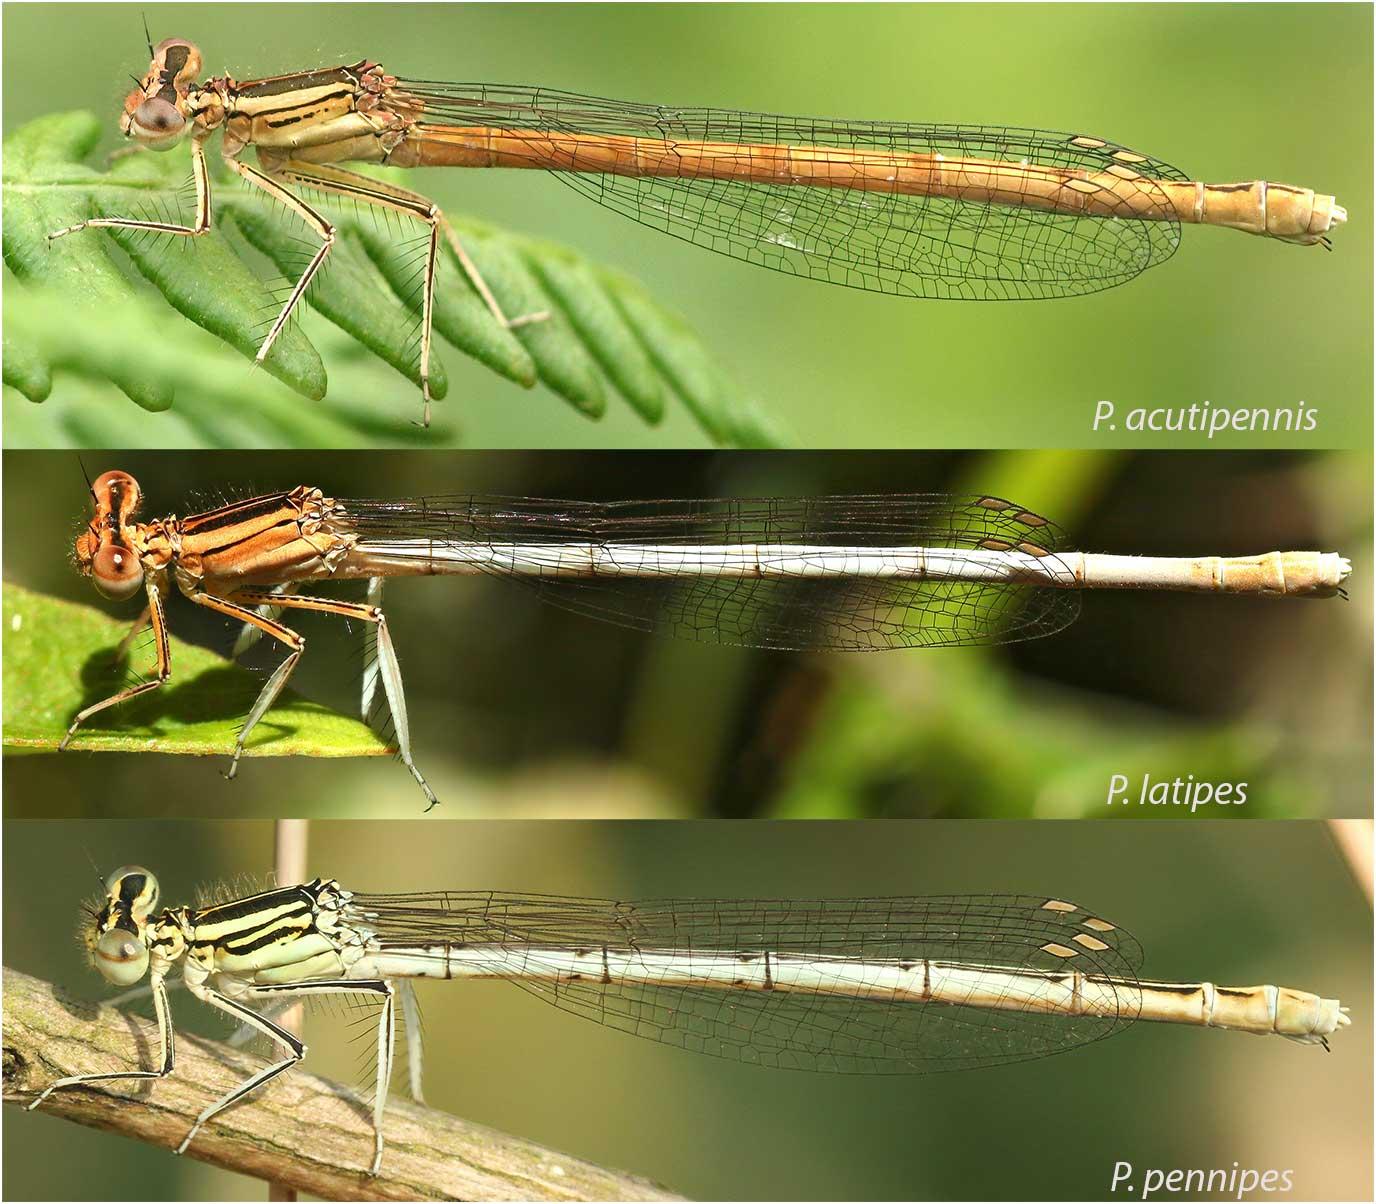 Comparaison des 3 Platycnemis européens, acutipennis, latipes et pennipes